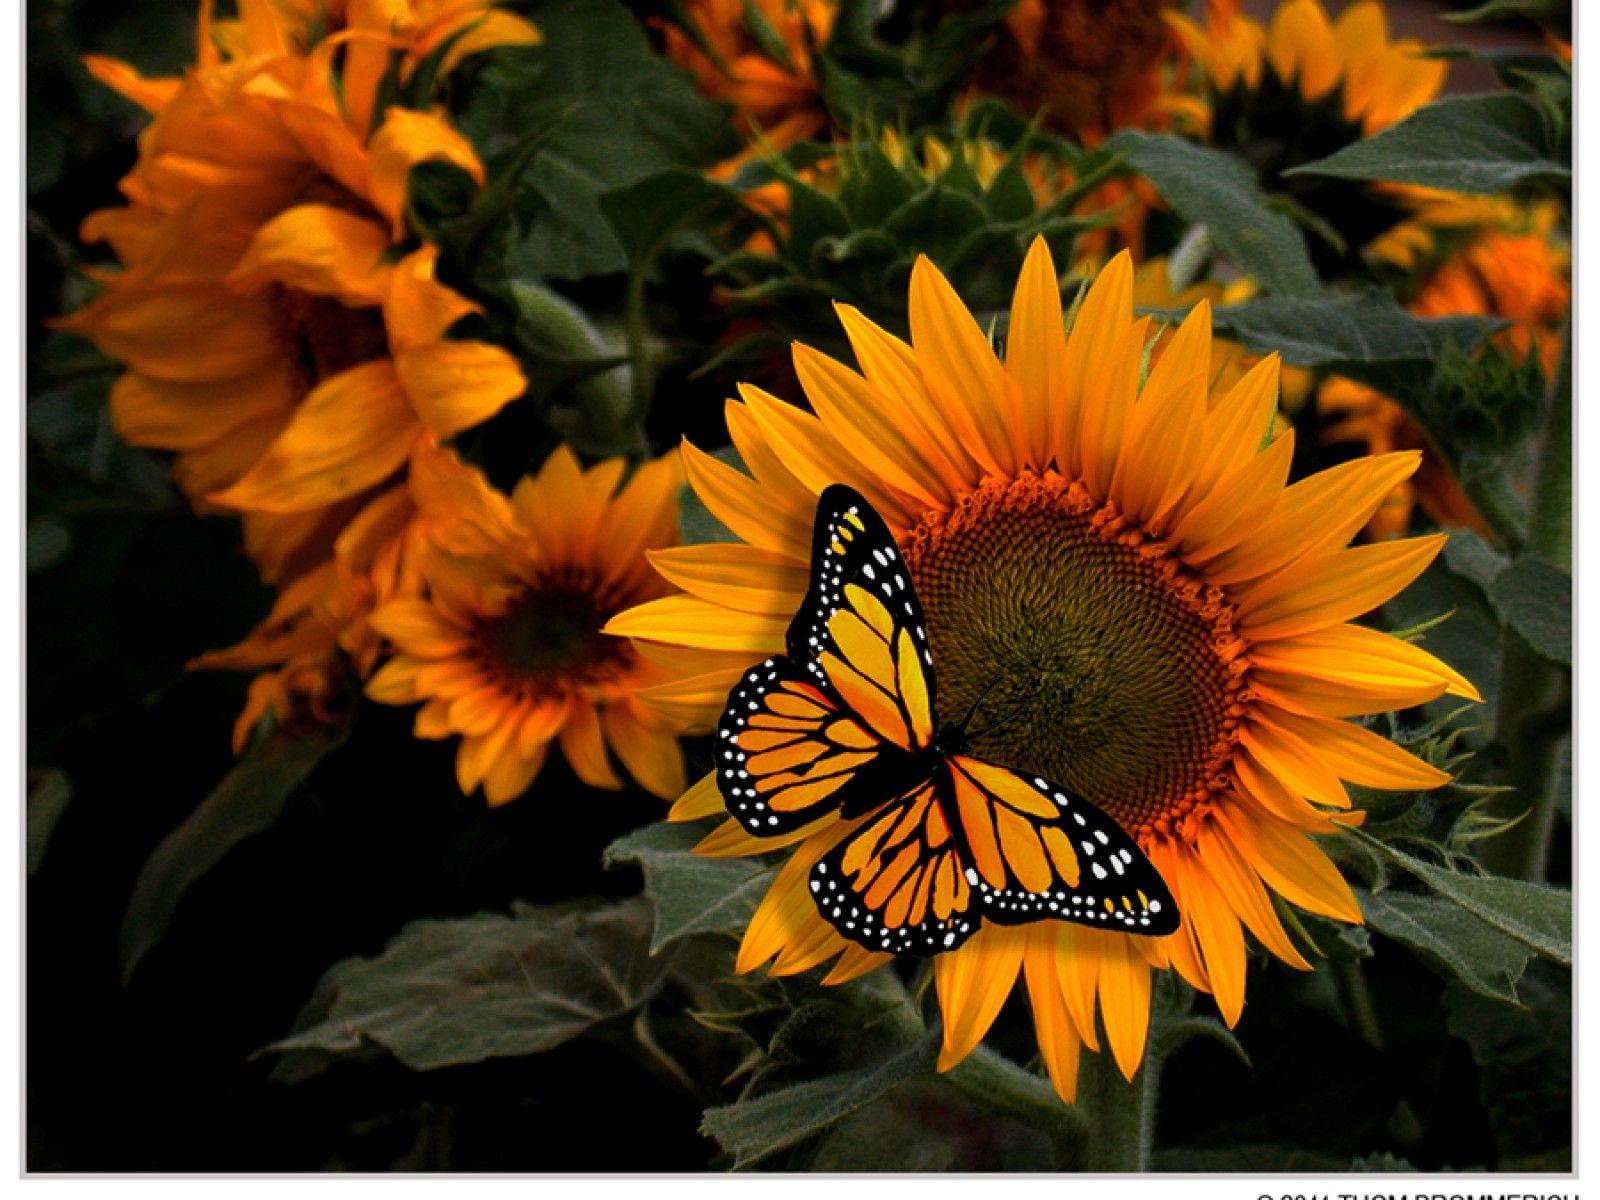 images of butterflies | Flowers Butterflies Fresh New Hd ...